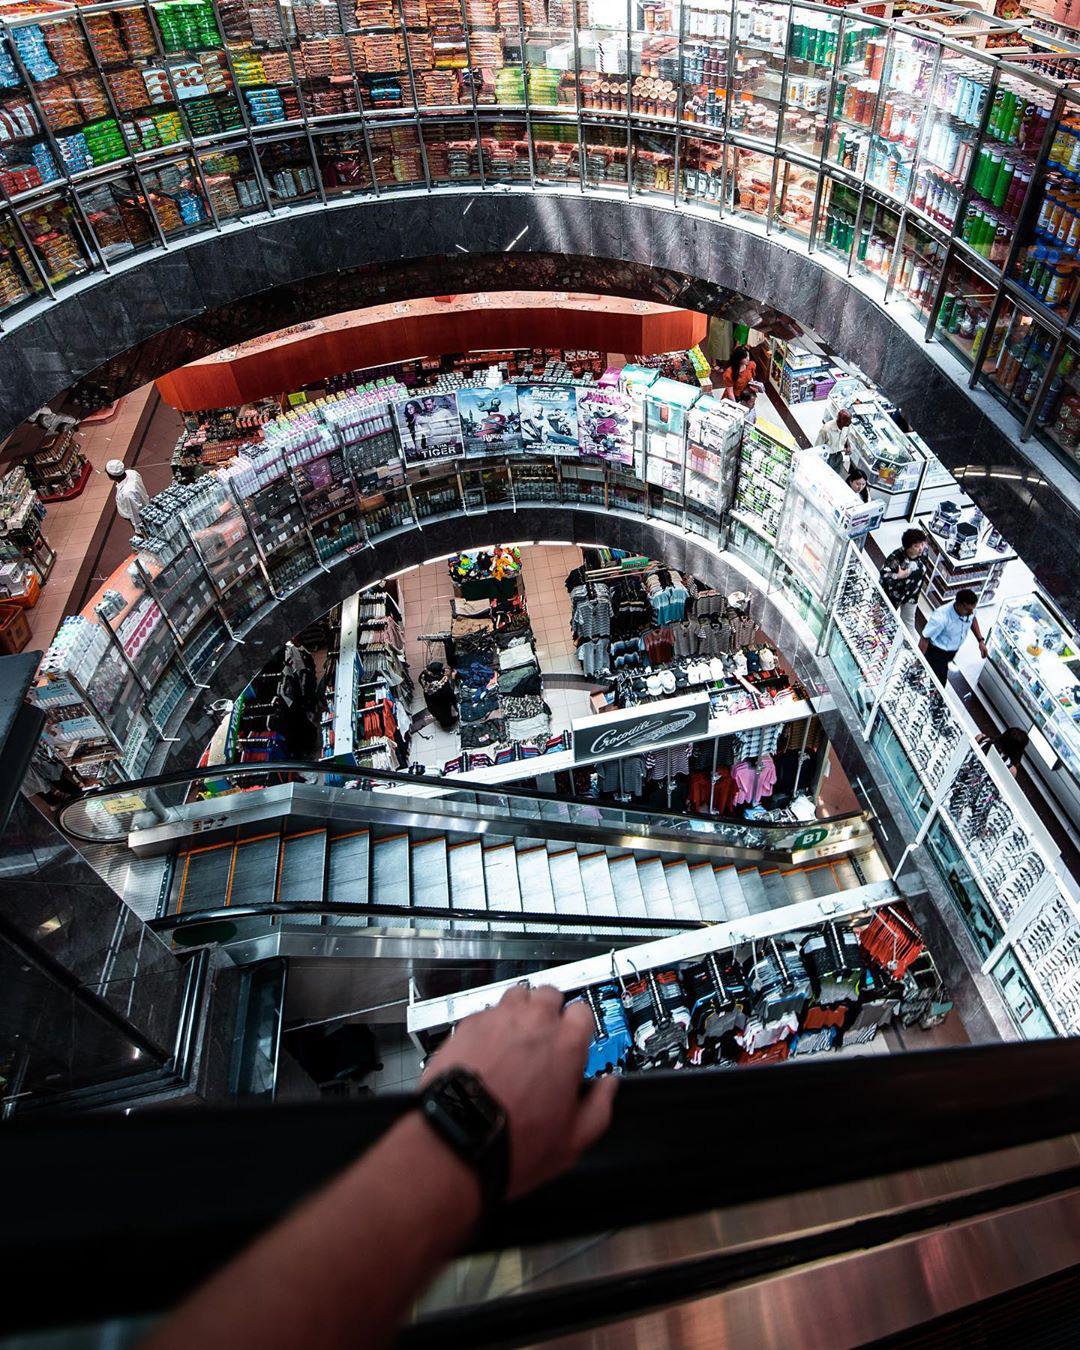 6 địa chỉ mua sắm giá rẻ tại Singapore được người Việt ưa chuộng nhất - Ảnh 2.